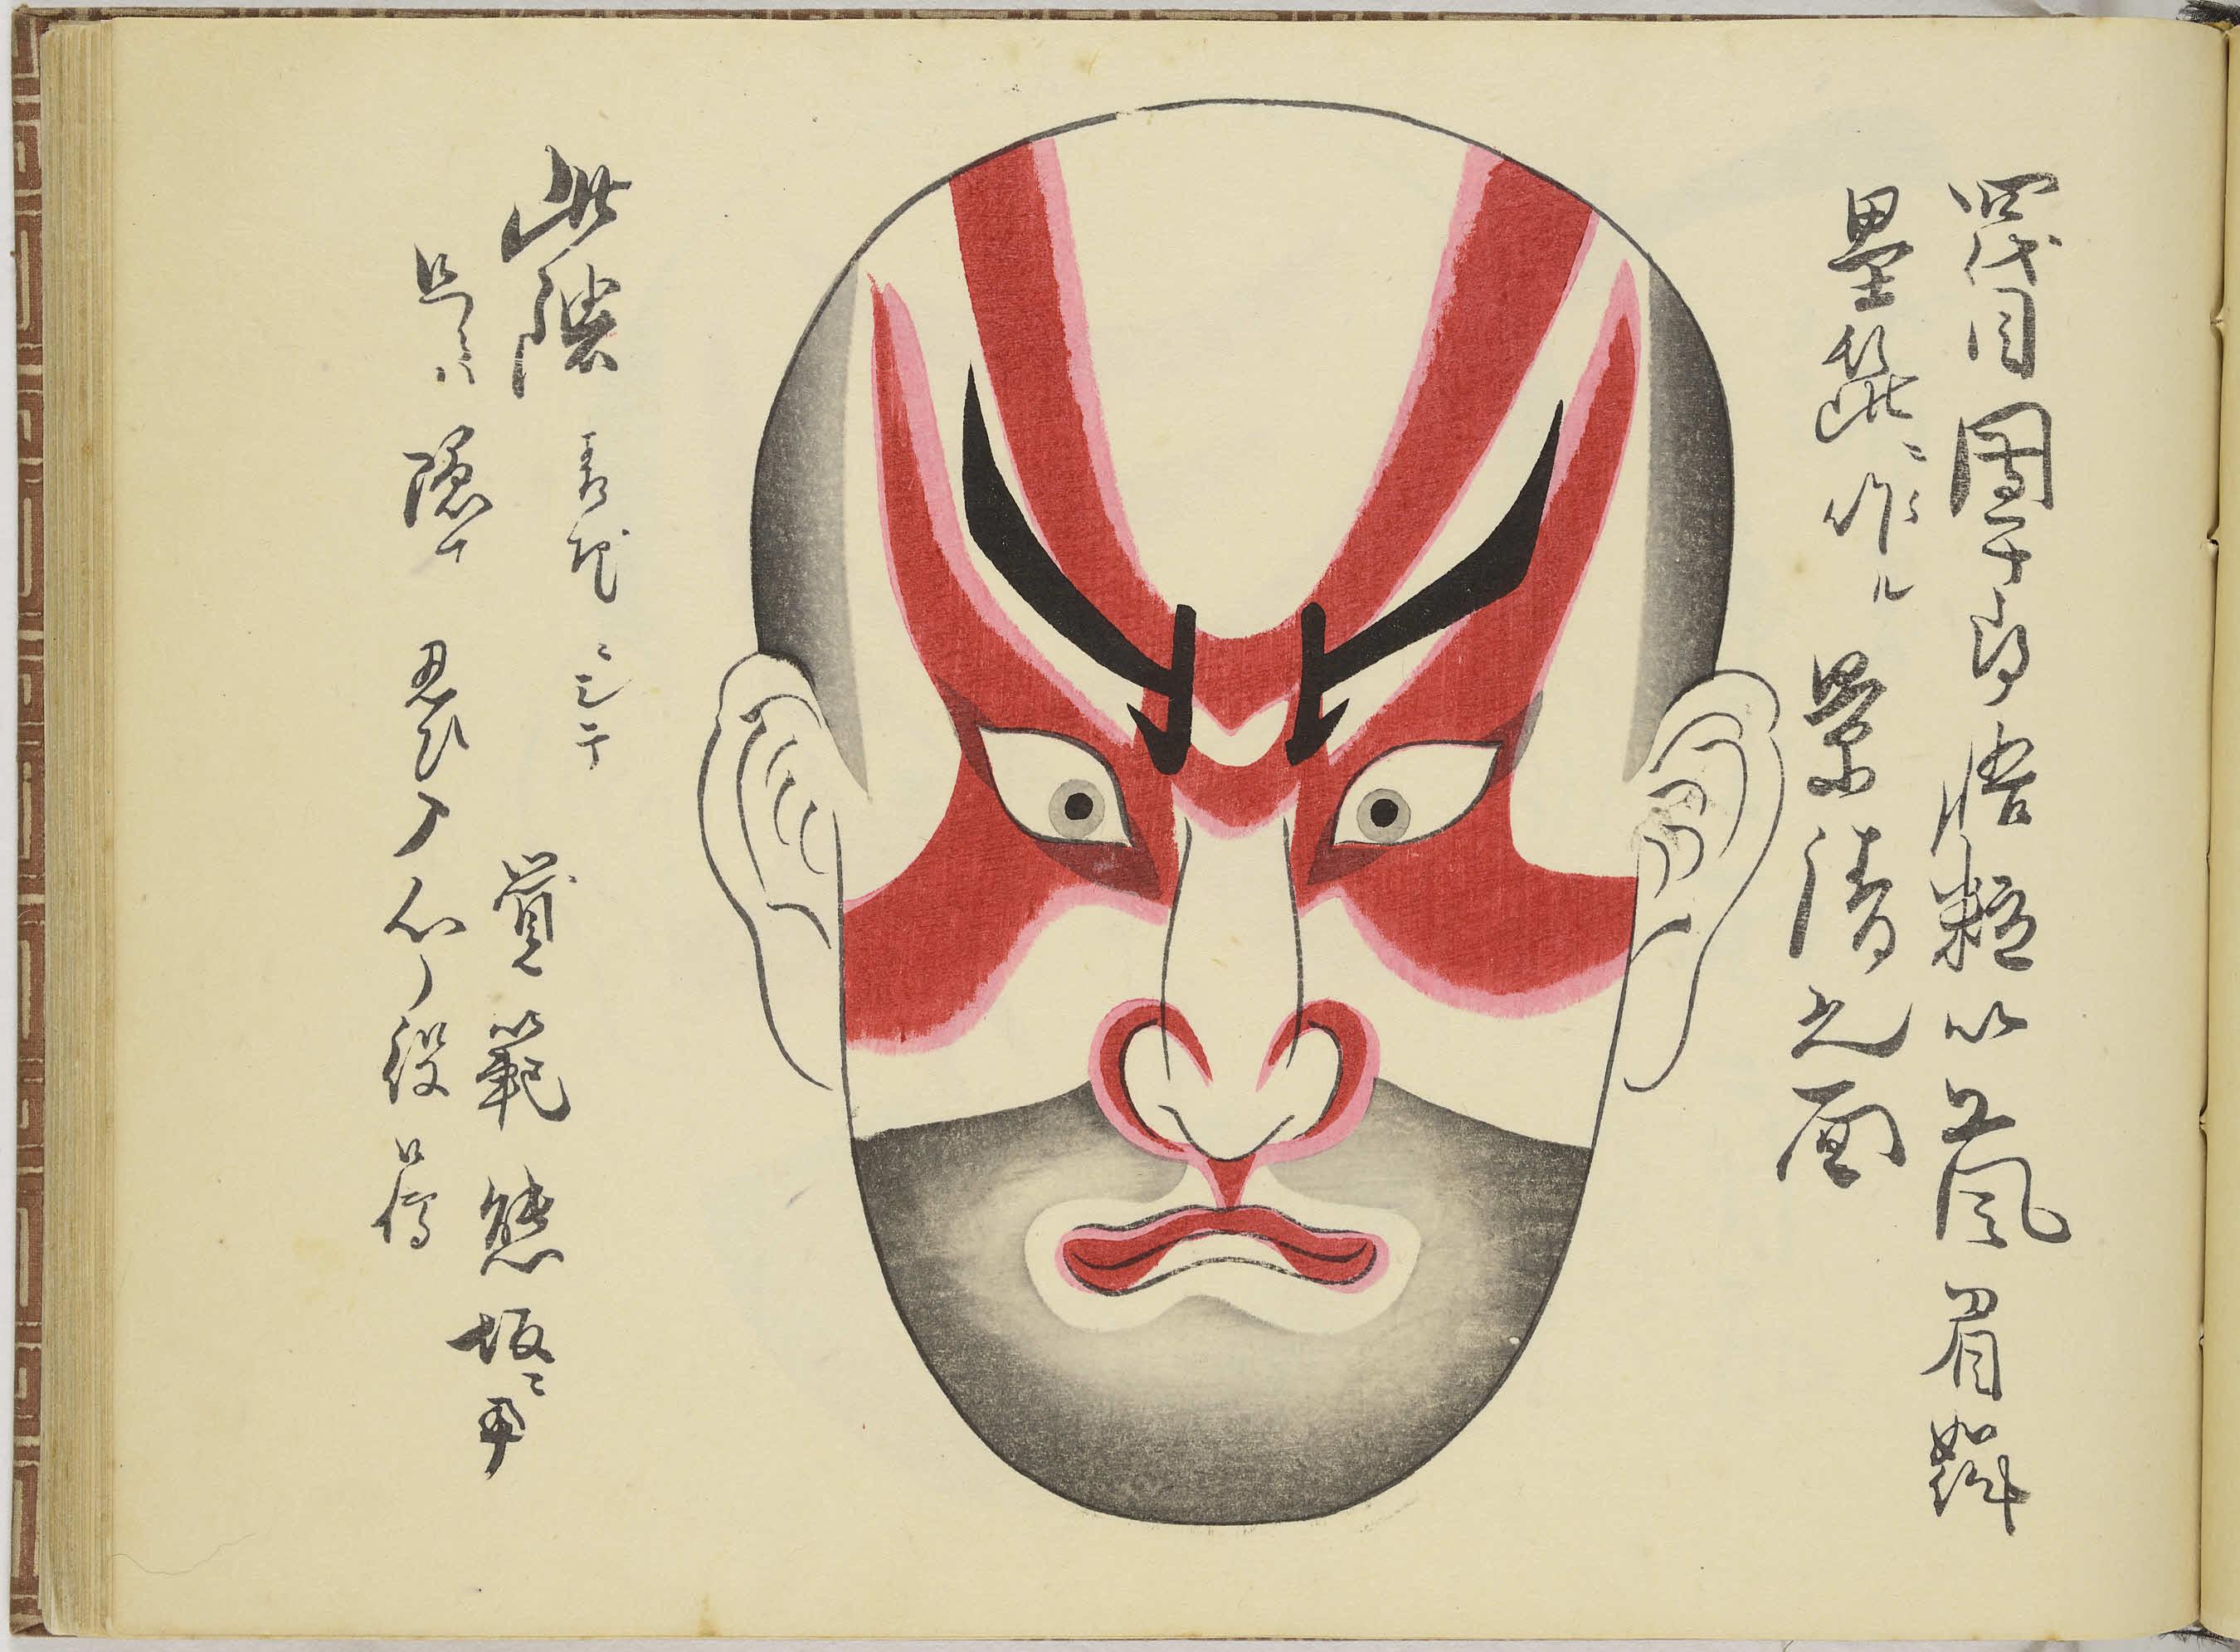 文化デジタルライブリー 歌舞伎事典